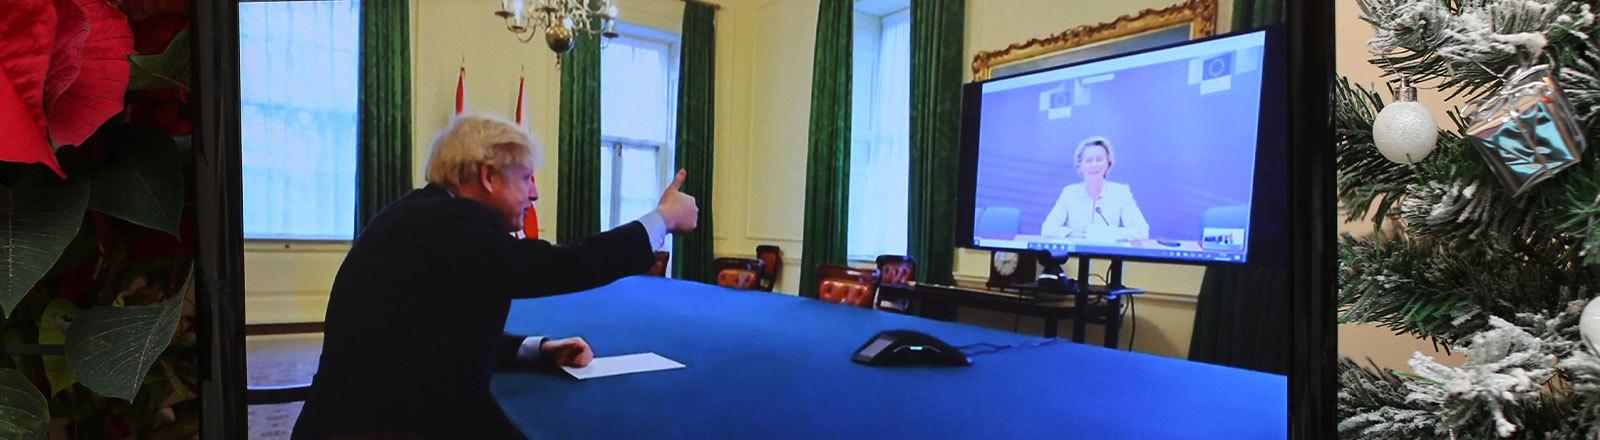 Boris Johnson gibt Ursula von der Leyen in einer Videokonferenz ein Daumen hoch Zeichen